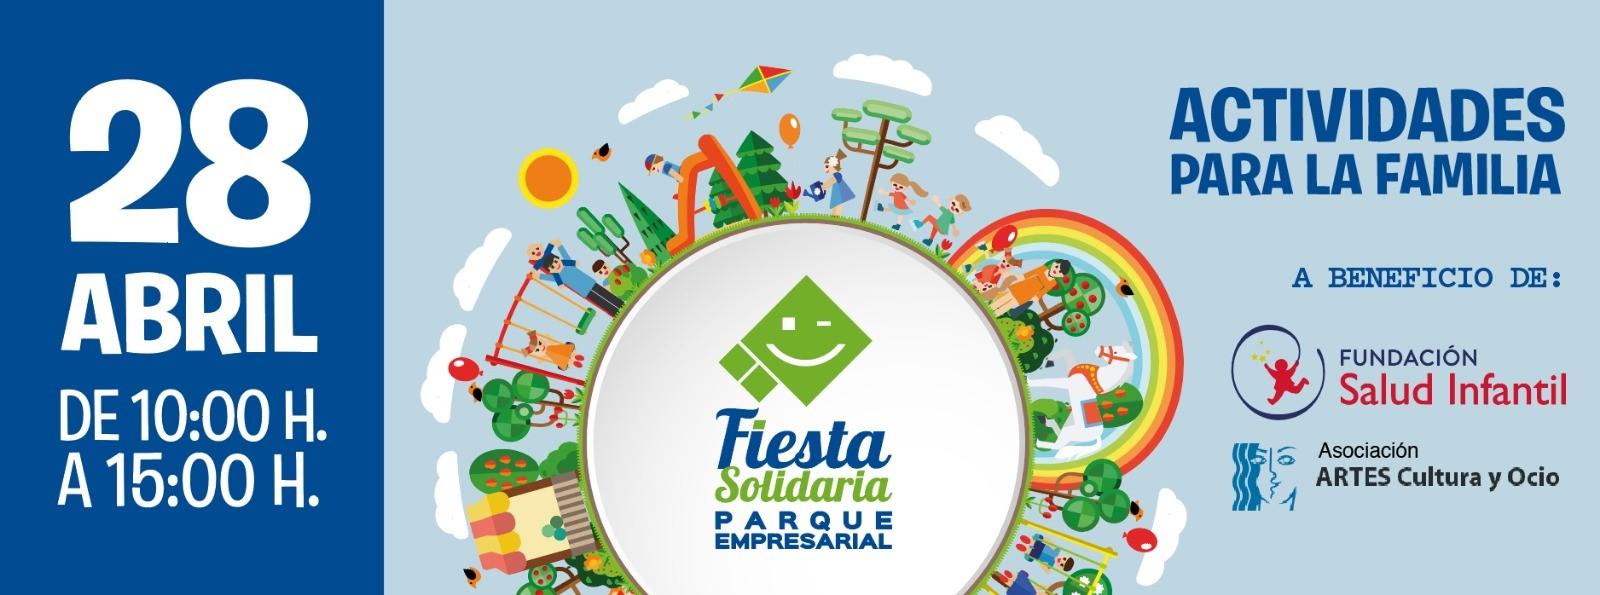 VII Edición de la Fiesta Solidaria del Parque Empresarial